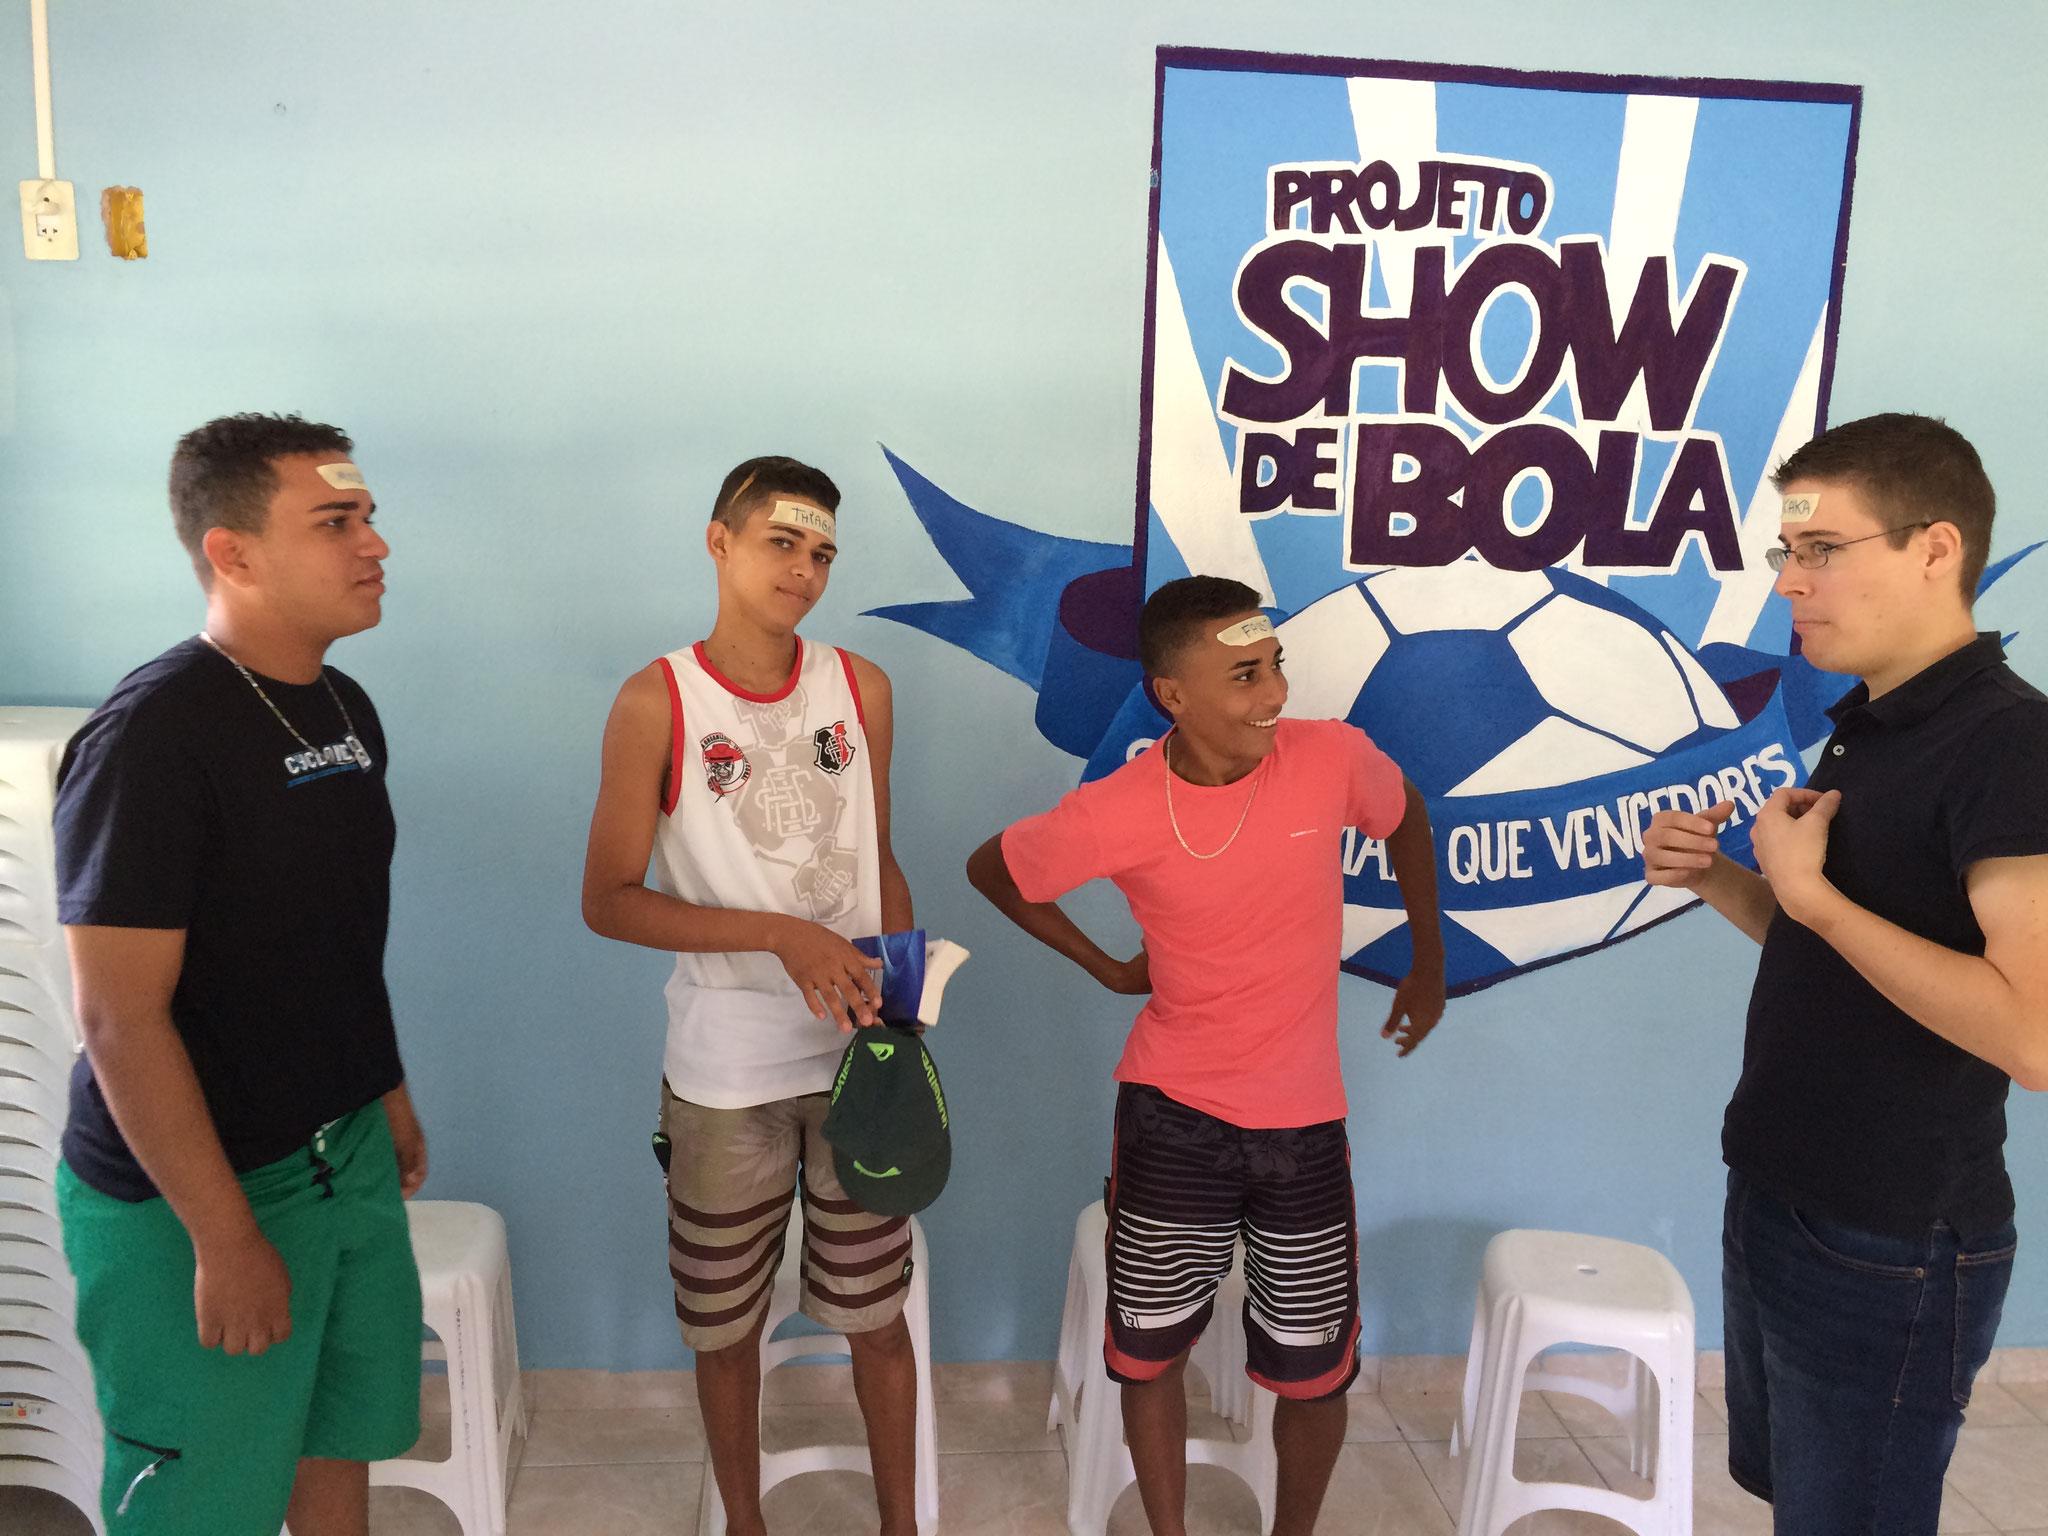 Show de Bola: Wer kennt dieses Spiel noch... :-)